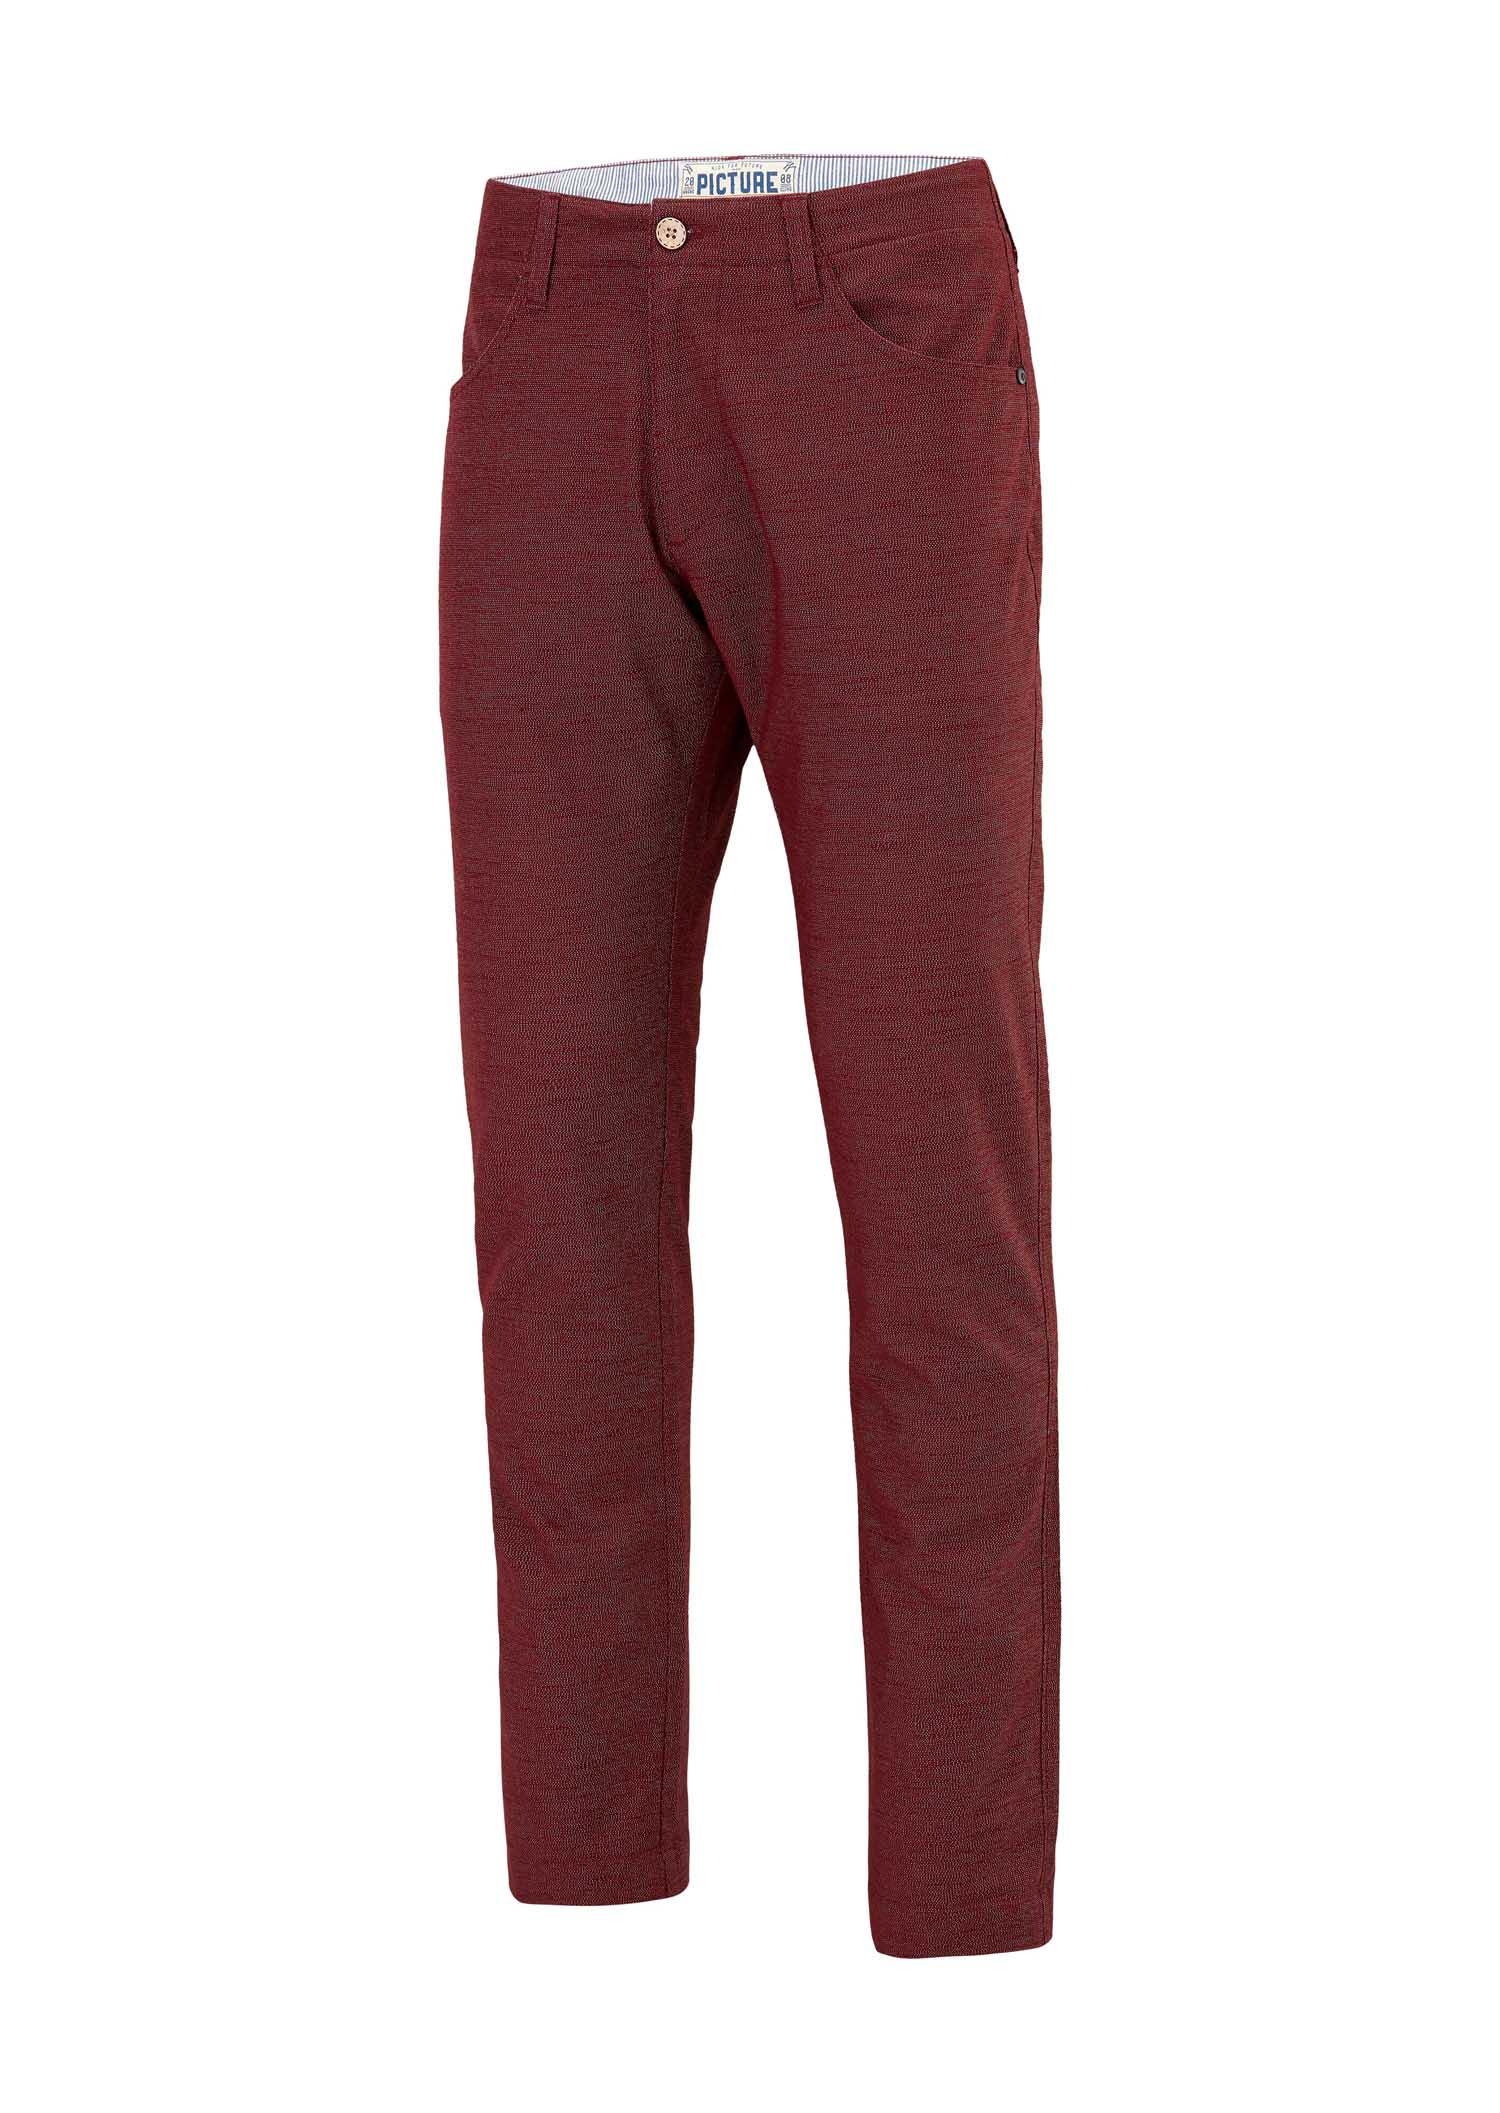 fournir beaucoup de dernier style beau lustre Pantalon chino PICTURE Feodor Melange Bordeaux